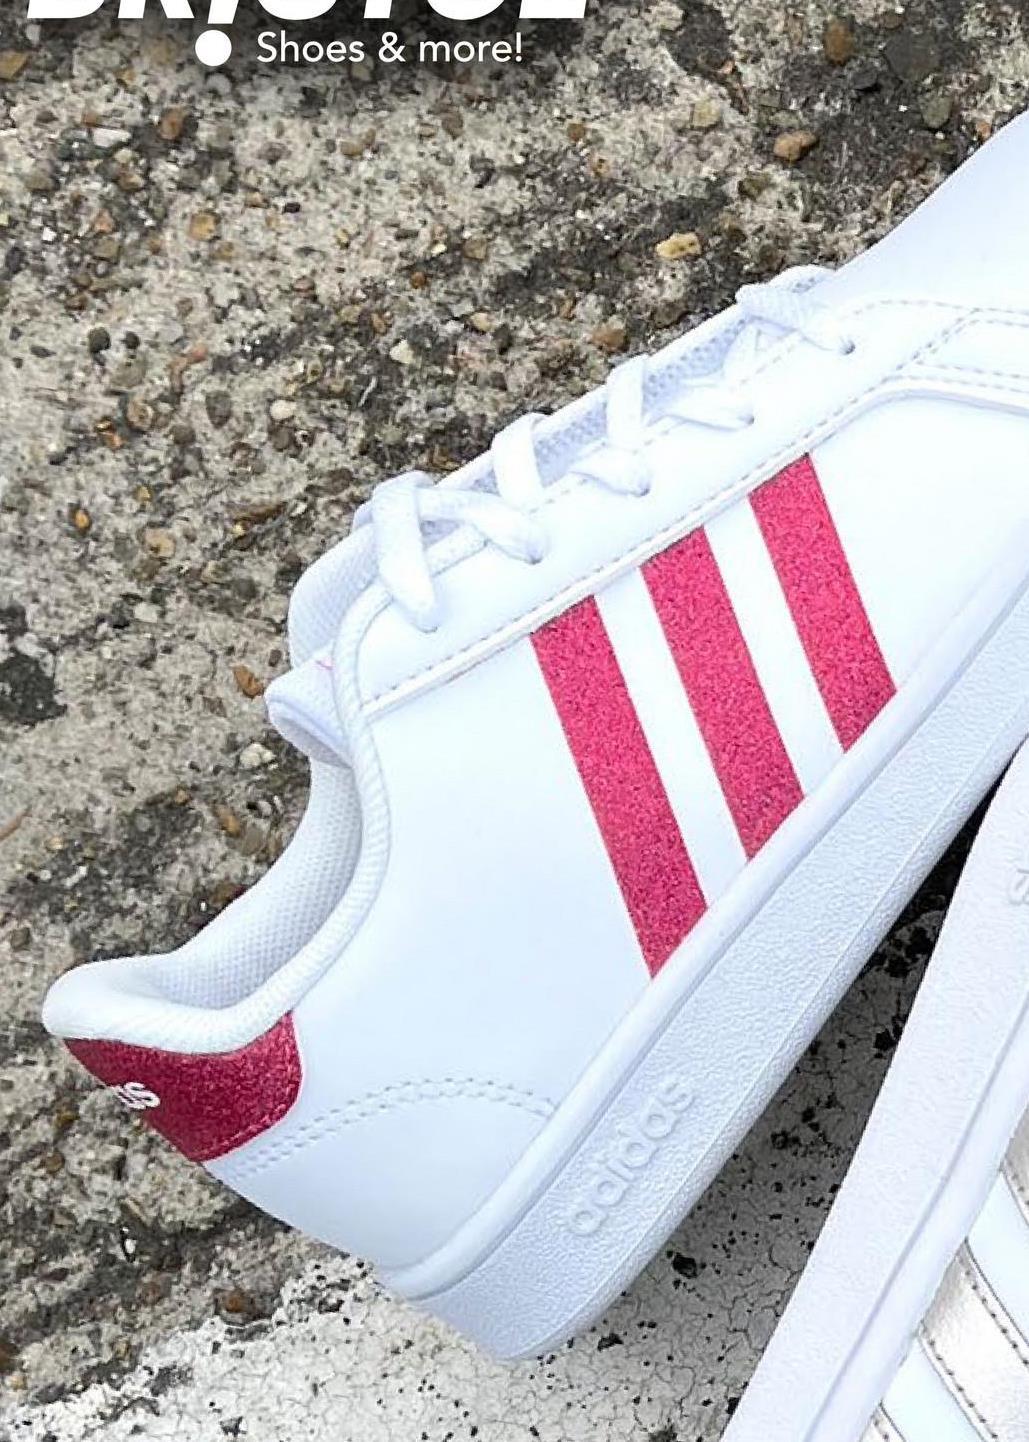 Sneakers Grand Court Adidas - Wit - maat 29 - Meisjes   - Goedkope Sportschoenen - Synthetisch Super coole witte Adidas-sneakers met shiny roze strepenvoor meisjes. Deze sneakers kan je met al je outfits combineren!